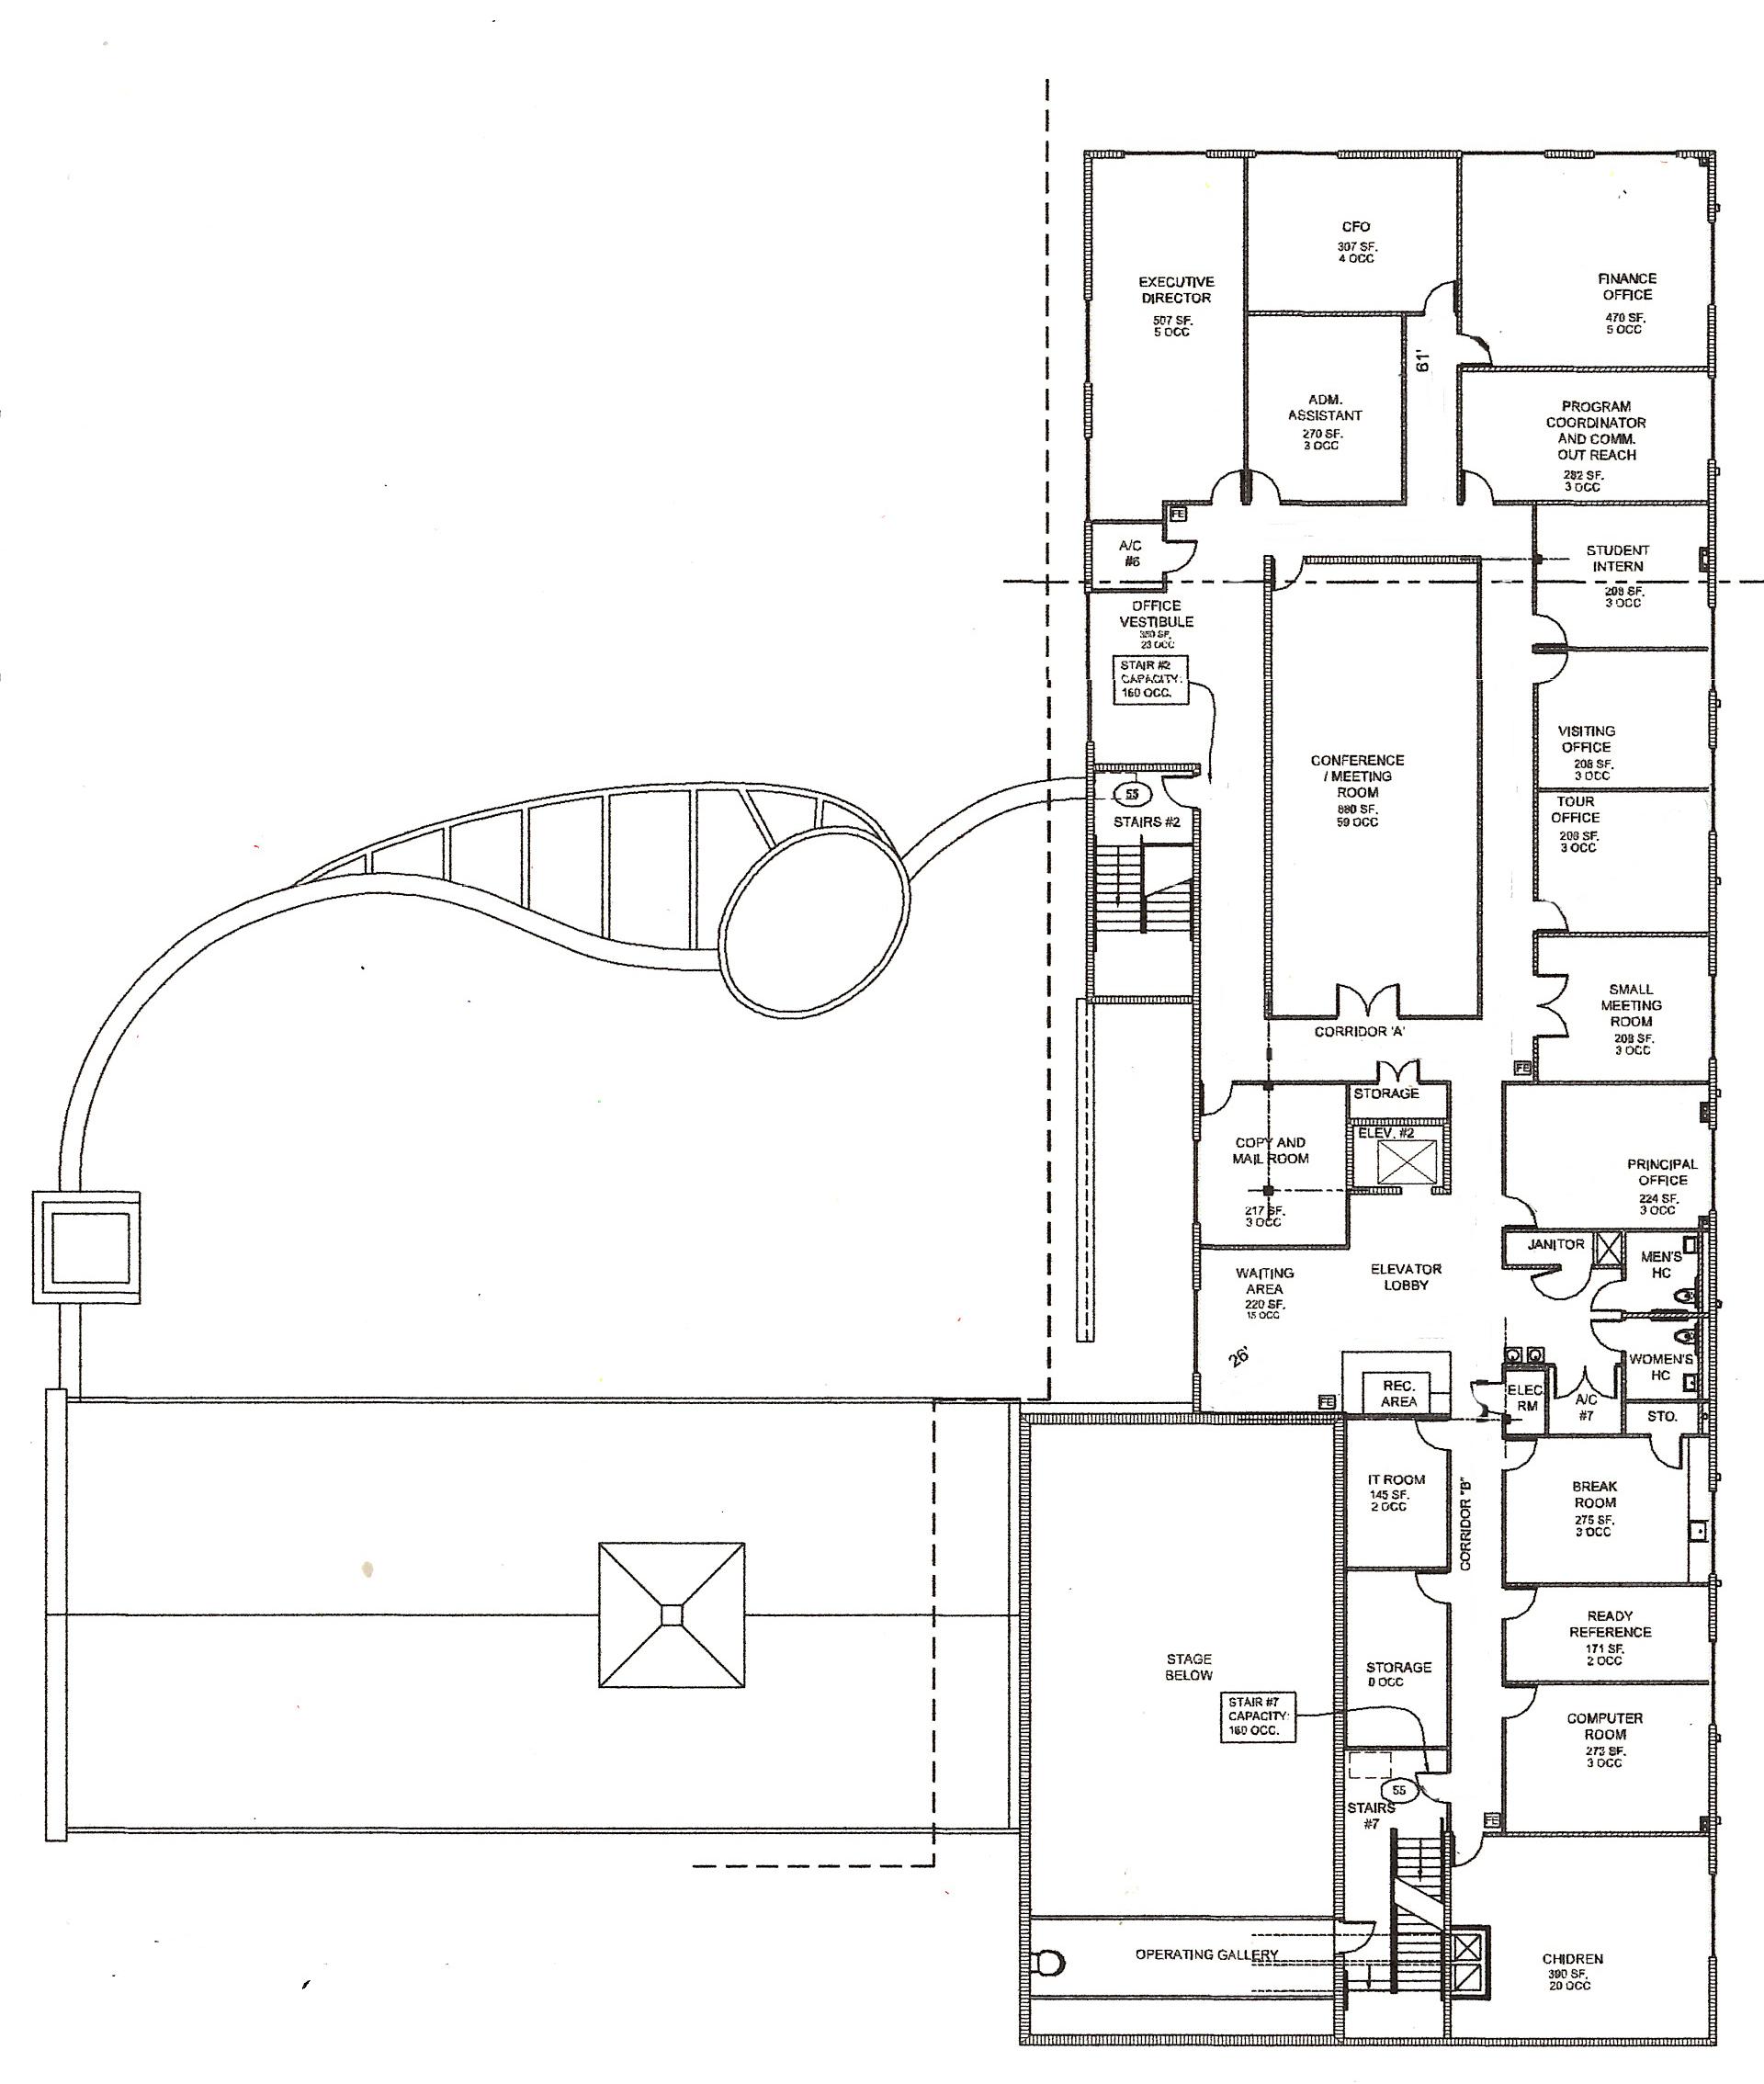 Third Floor Rental Space